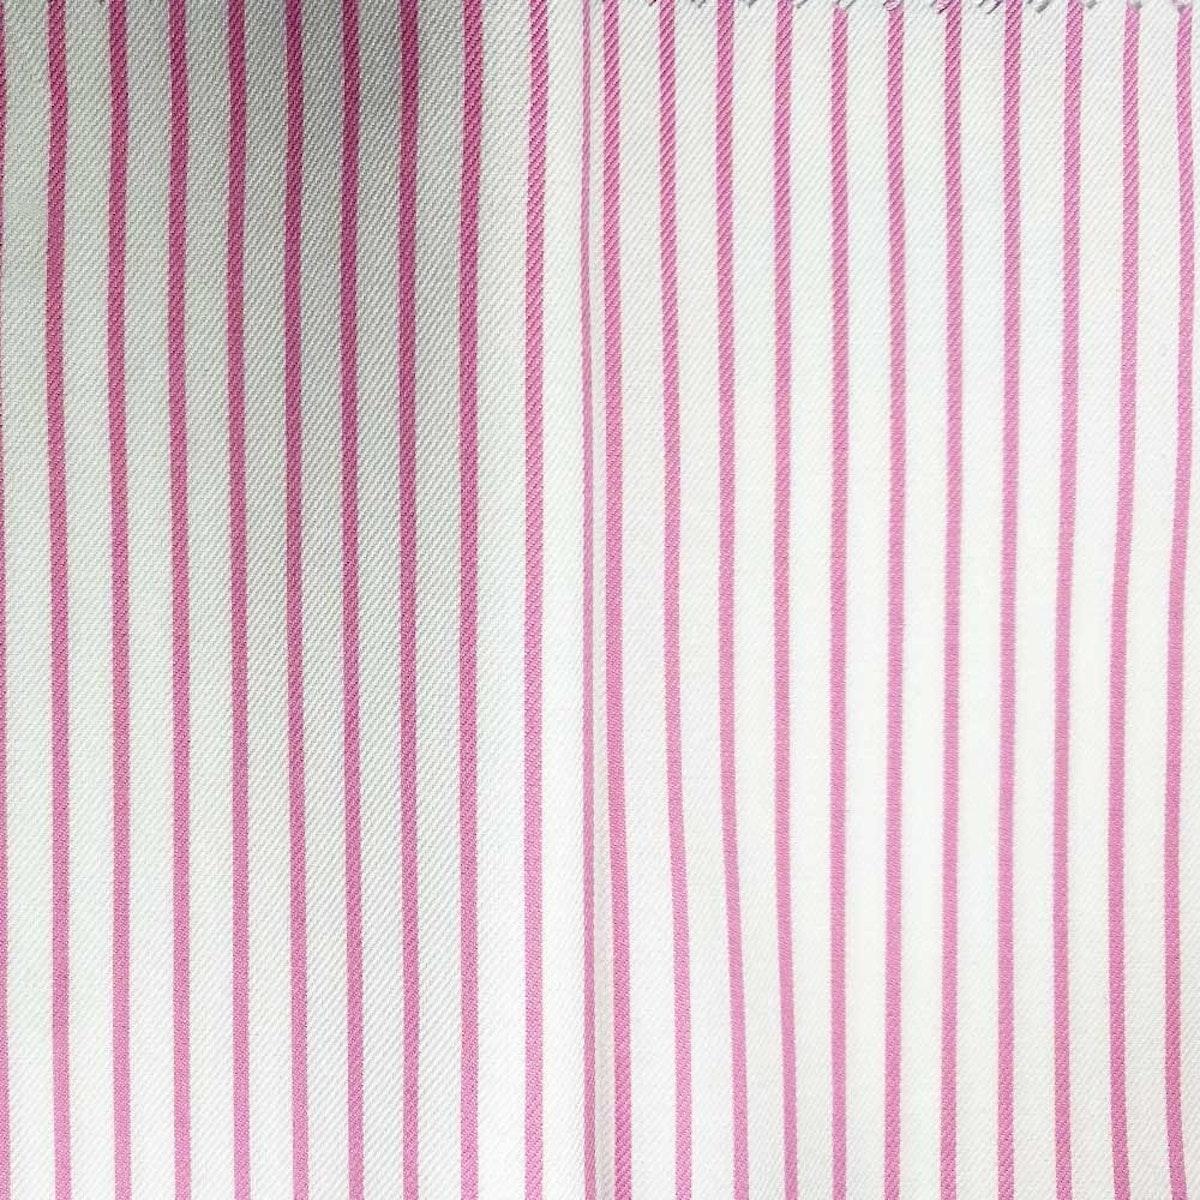 InStitchu Shirt Fabric 103